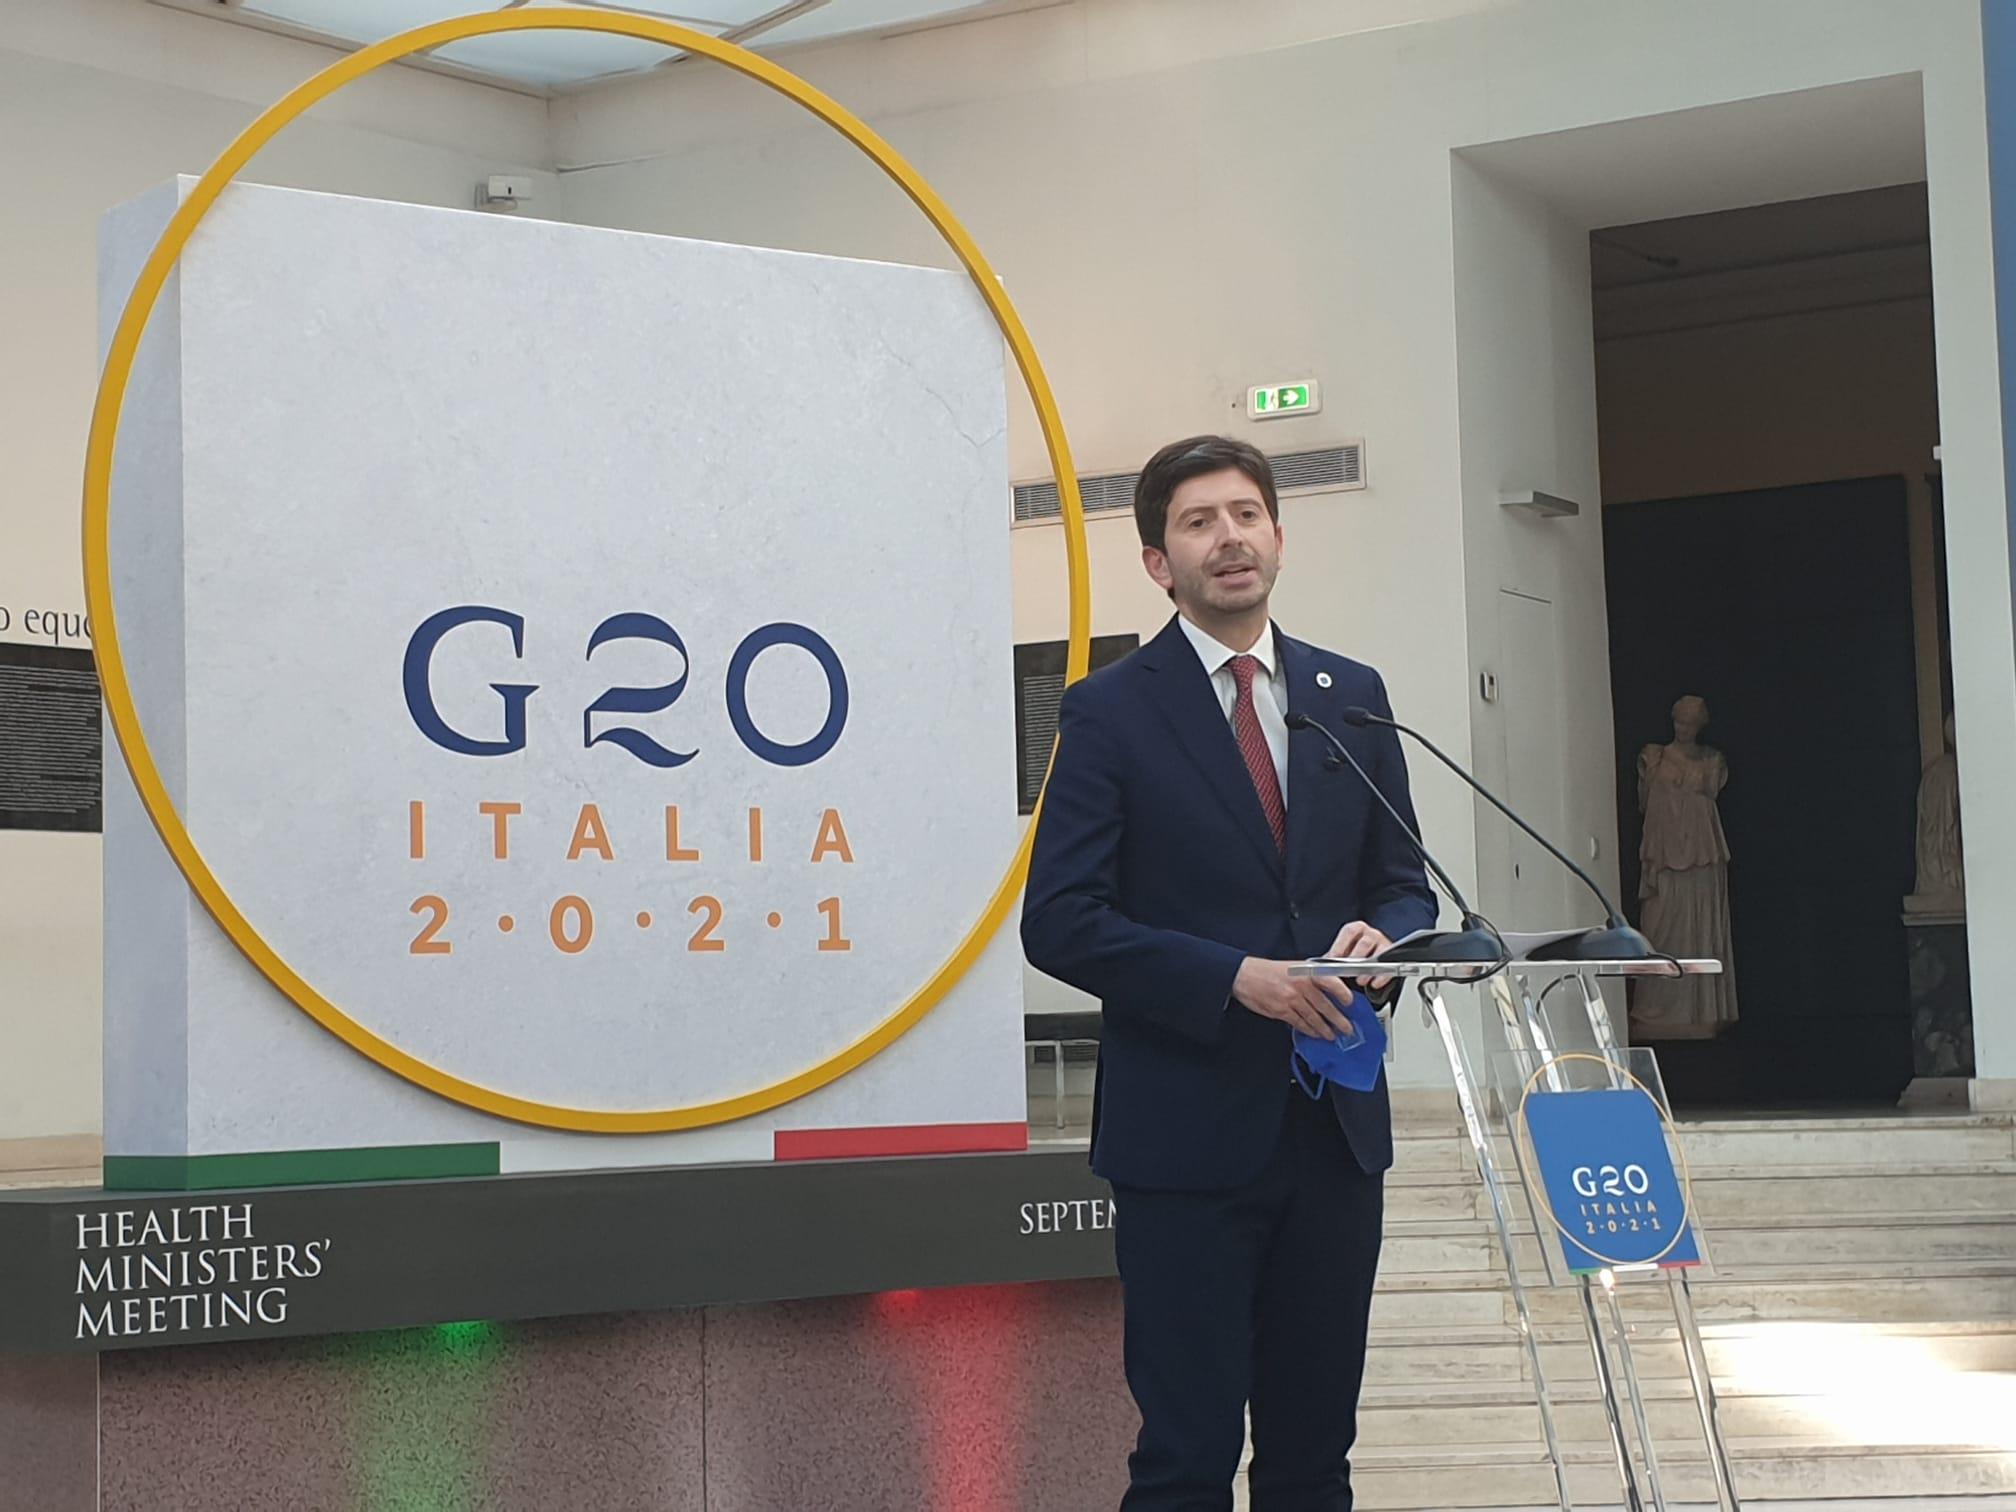 G20 Salute speranza